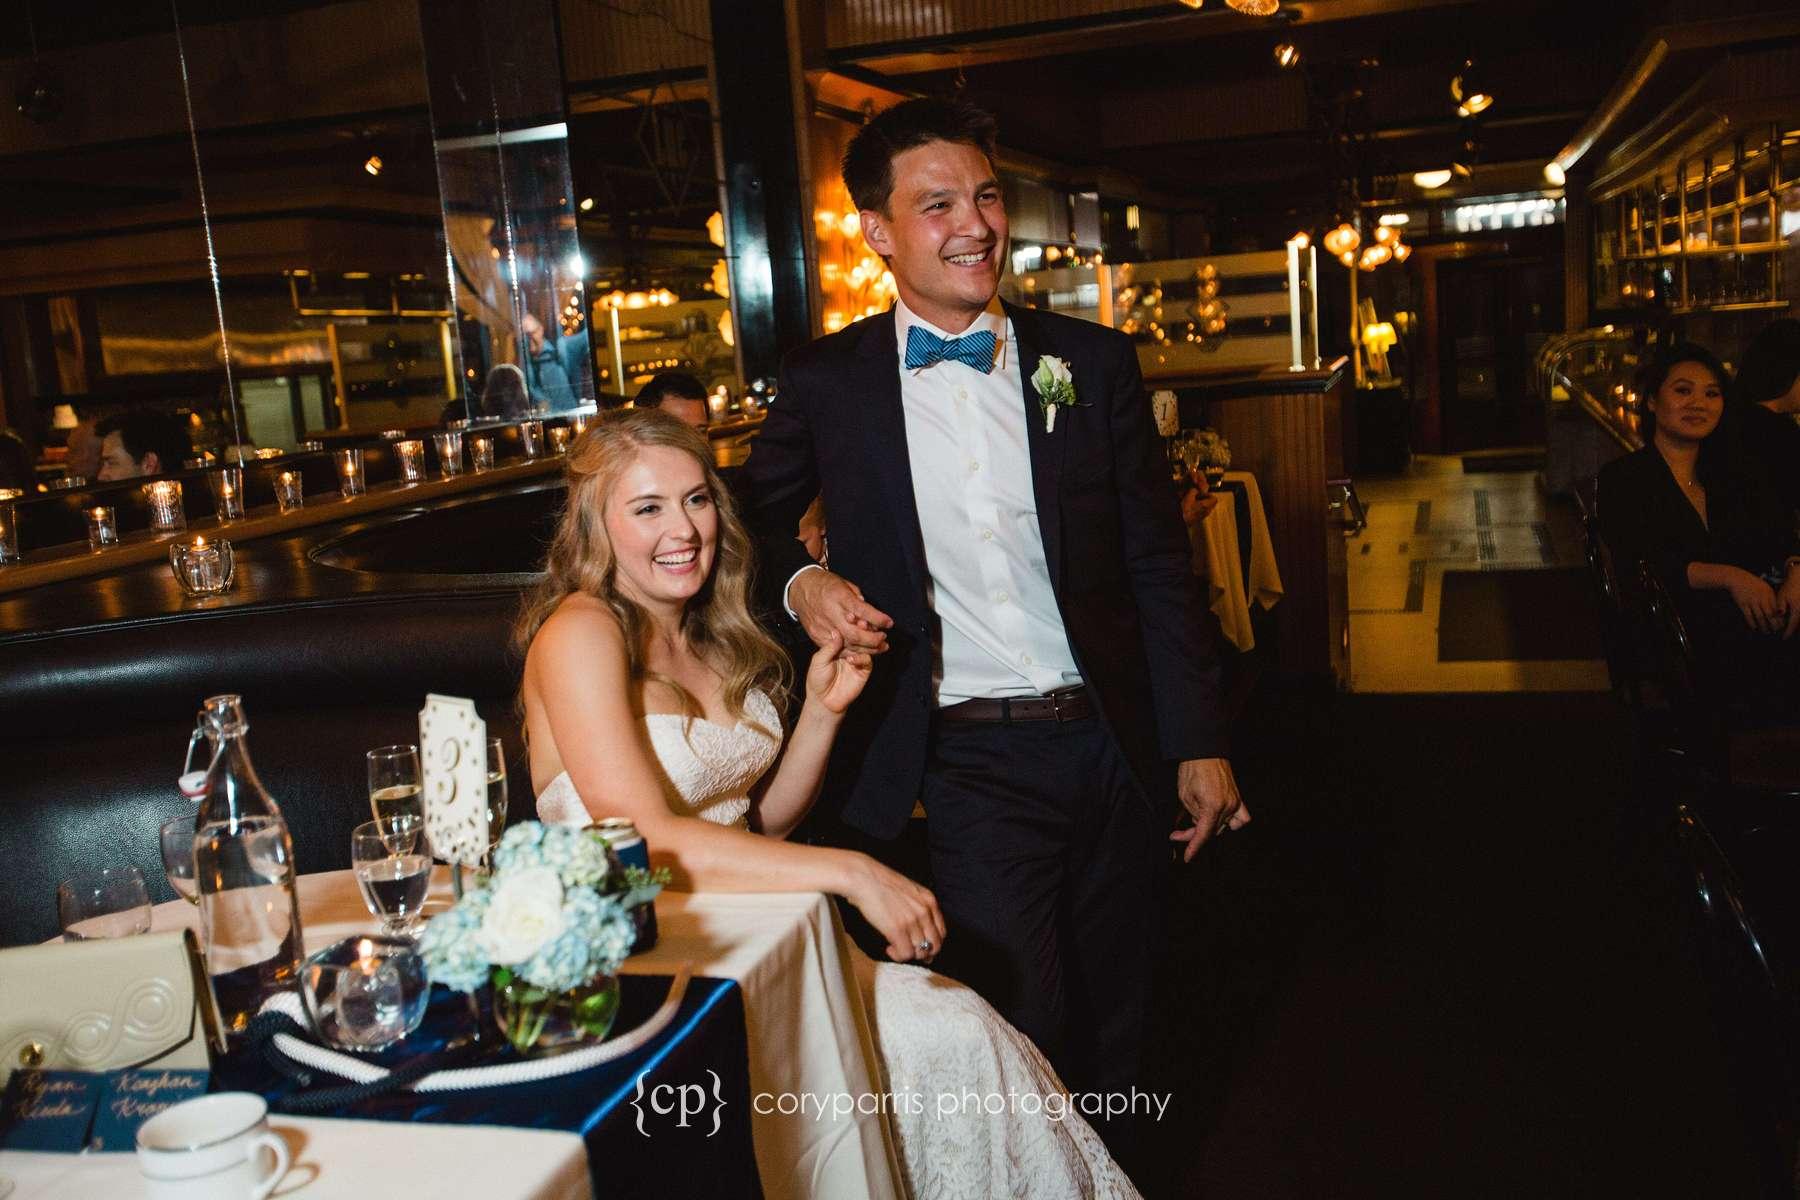 Wedding reception at Lake Union Cafe